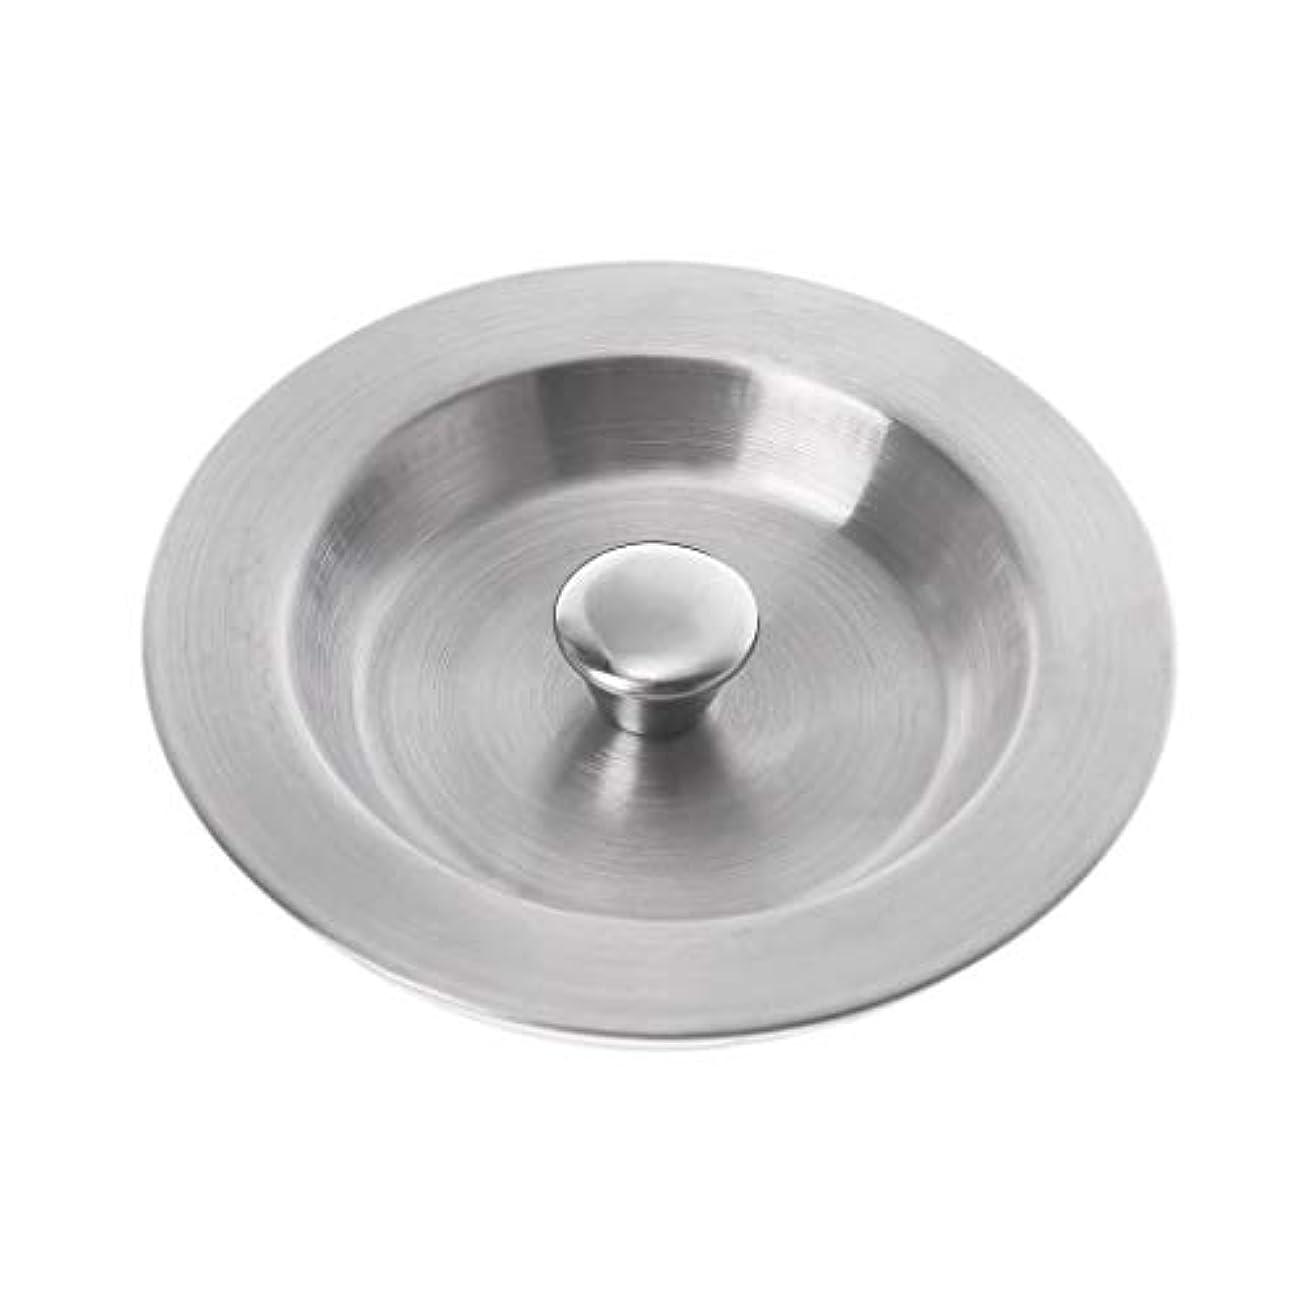 病弱バンガロー賢いLamdooキッチンステンレス鋼浴槽フィルターシンクフロアプラグランドリーバスルームウォーターストッパーキャップツール